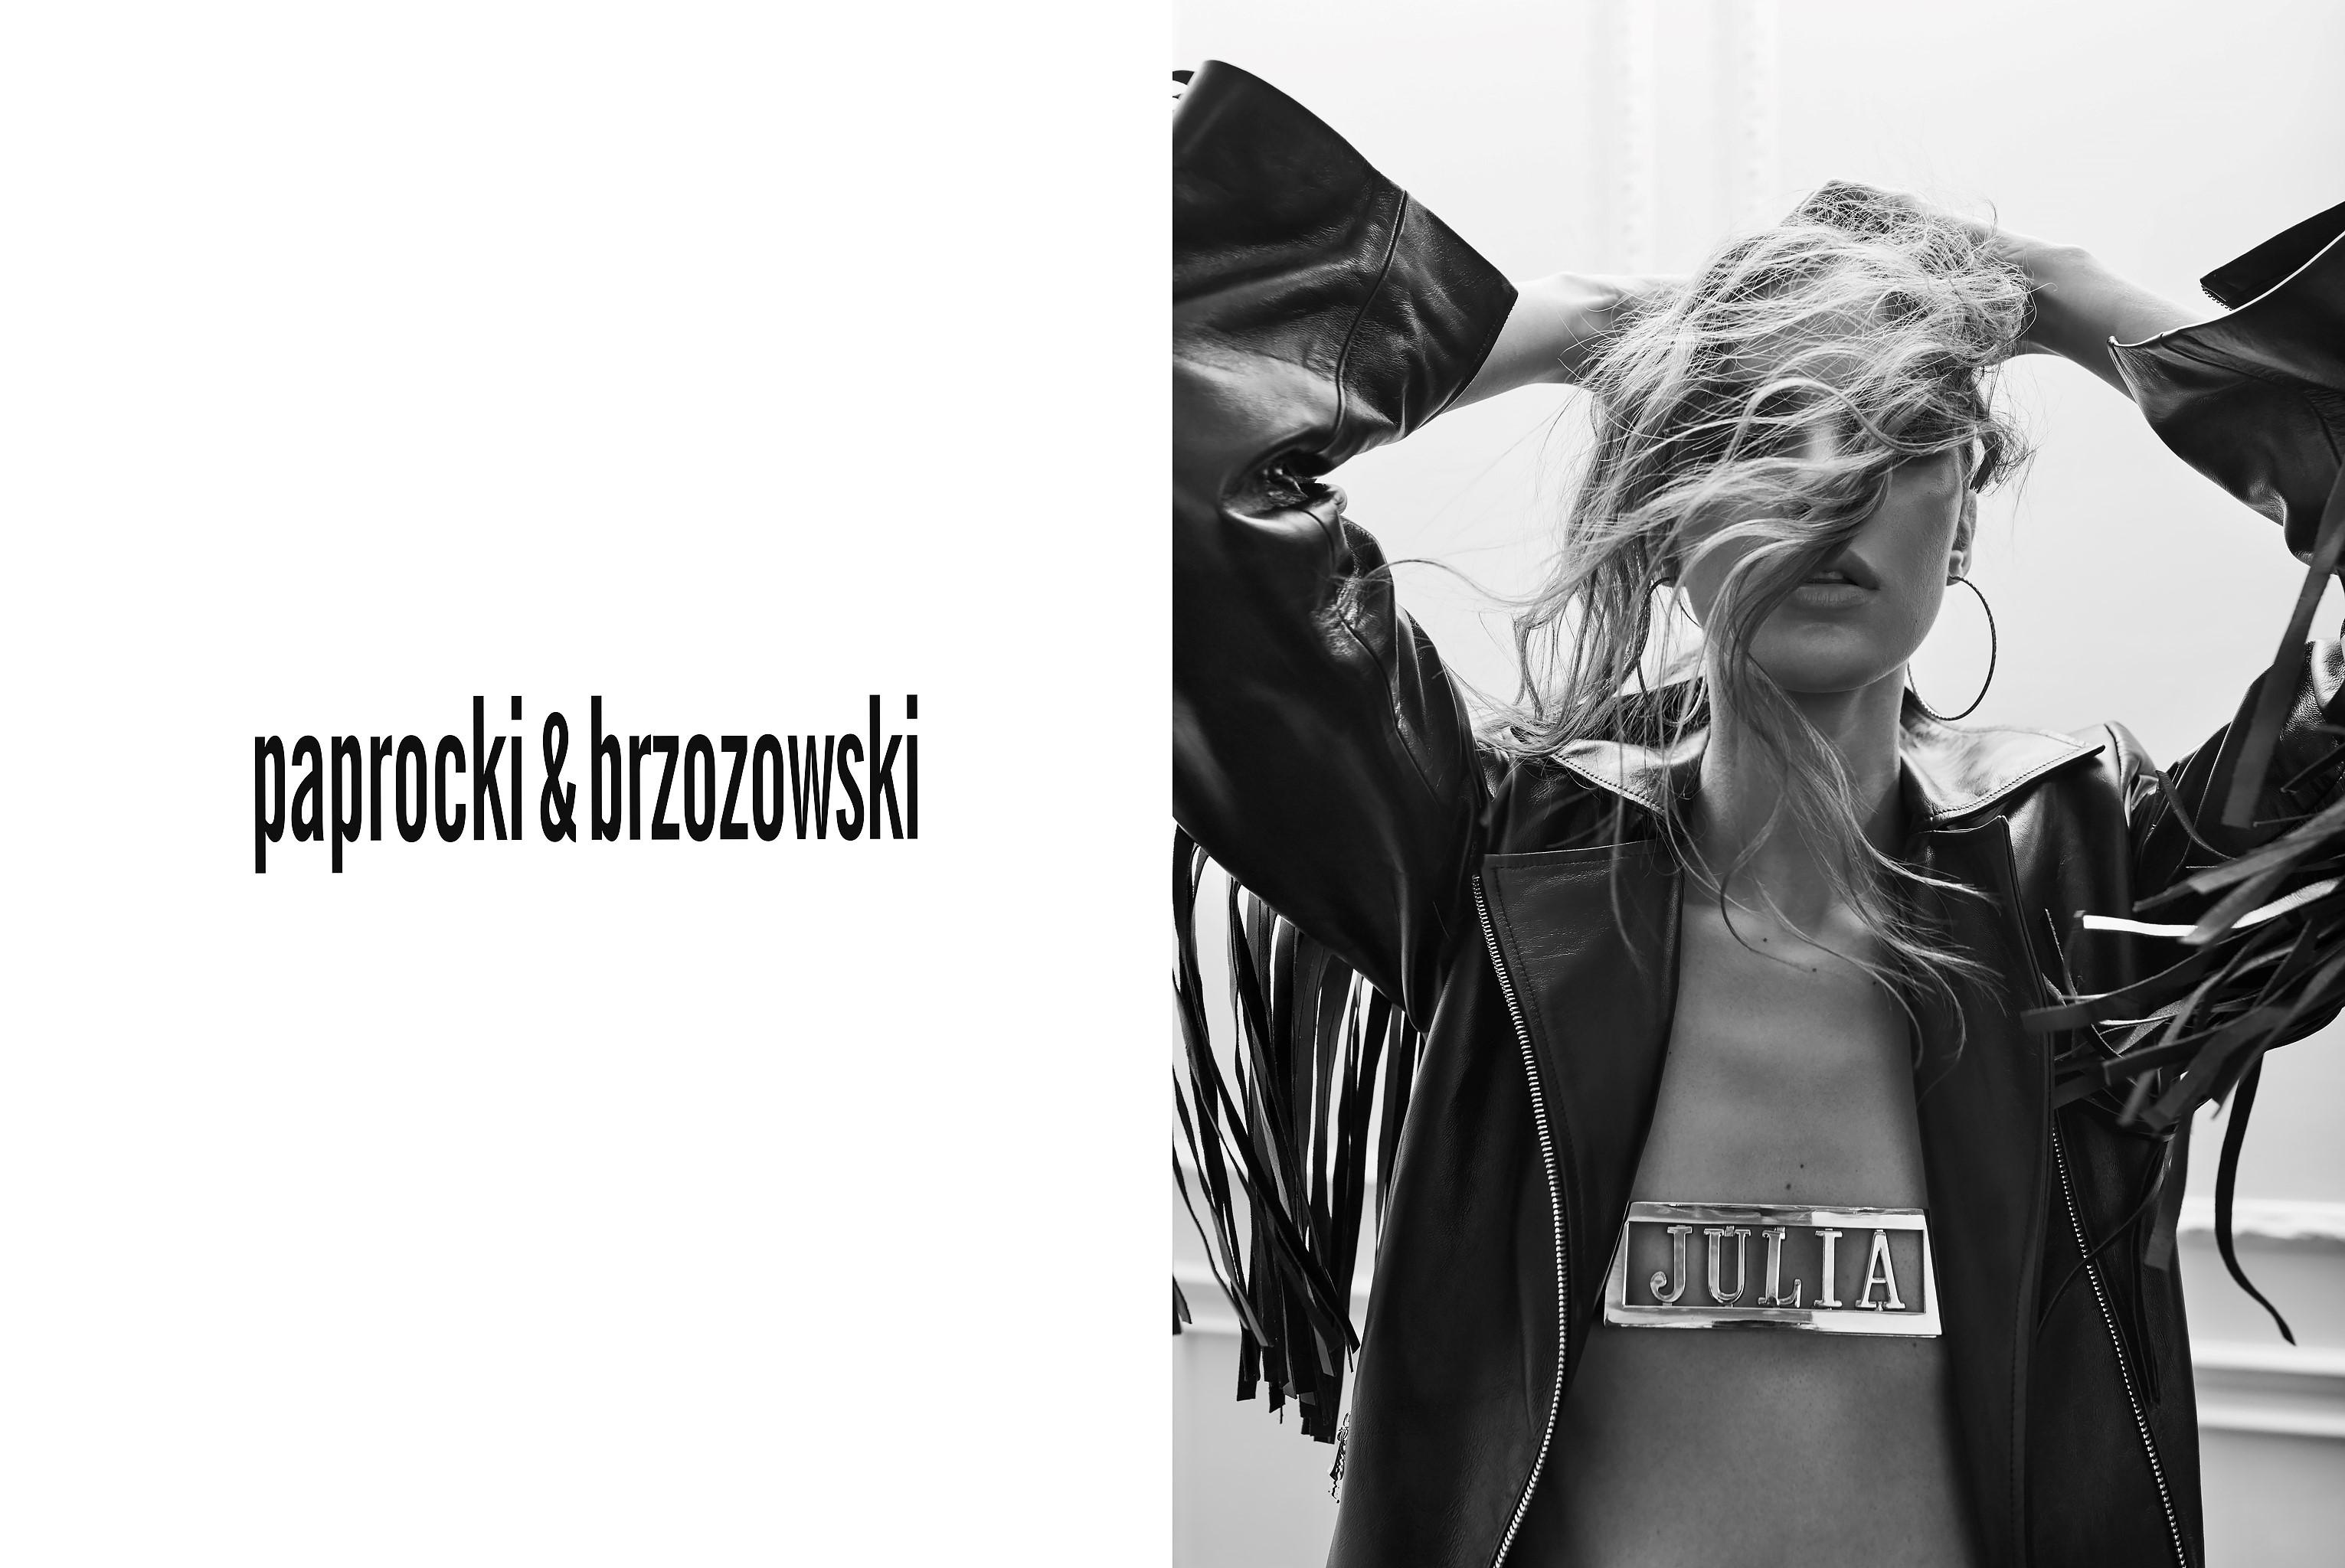 Romantyzm i punk w kampanii Paprocki&Brzozowski wiosna-lato 2017